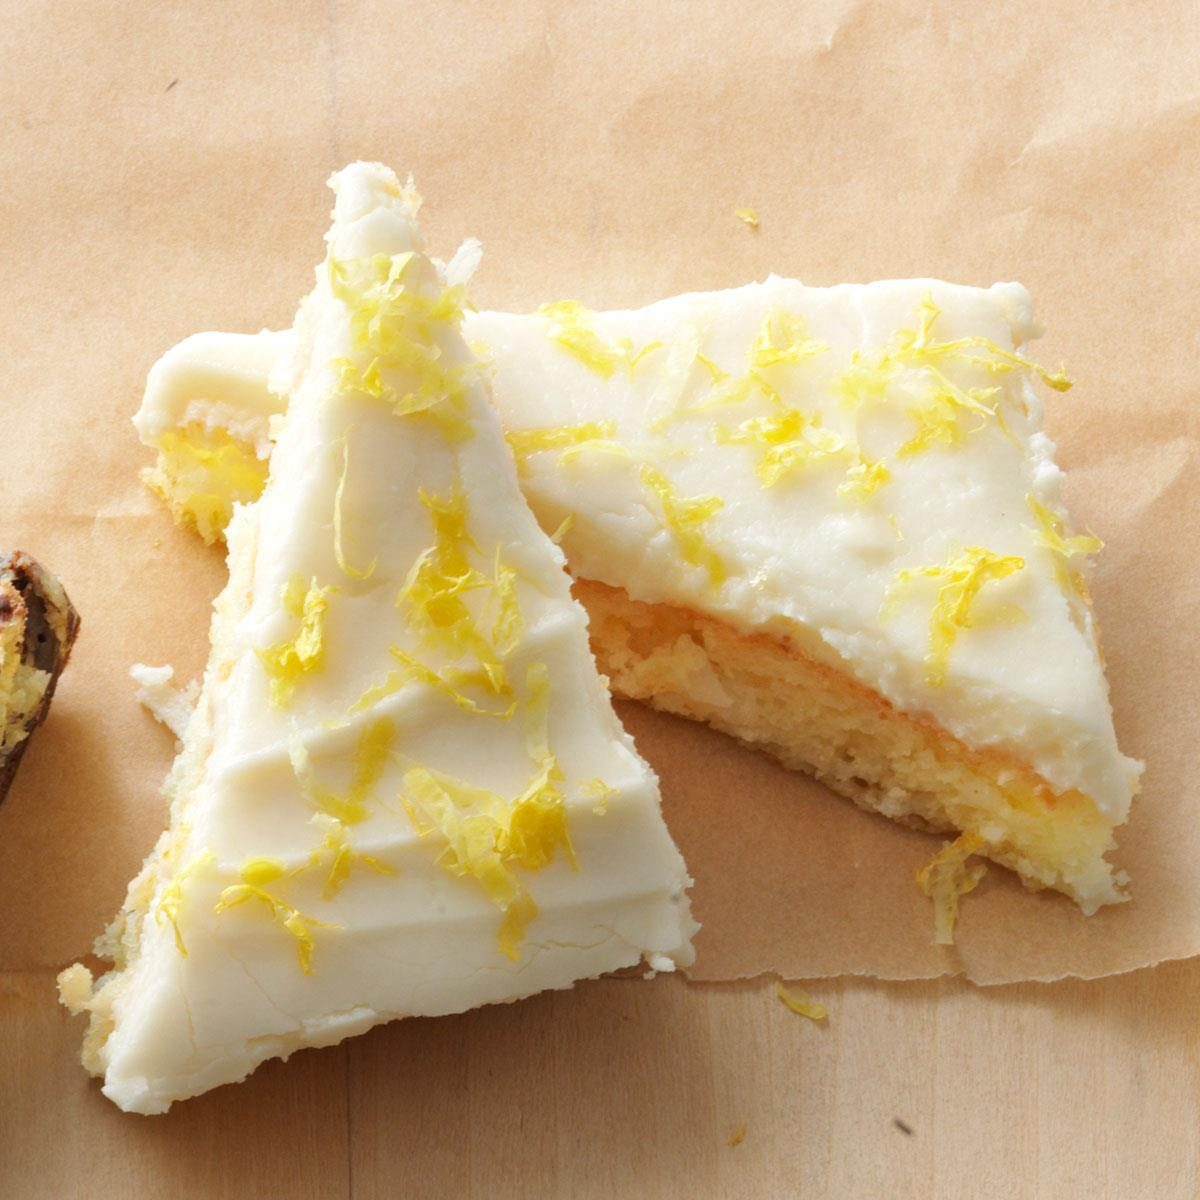 Taste Of Home Lemon Cake Bars